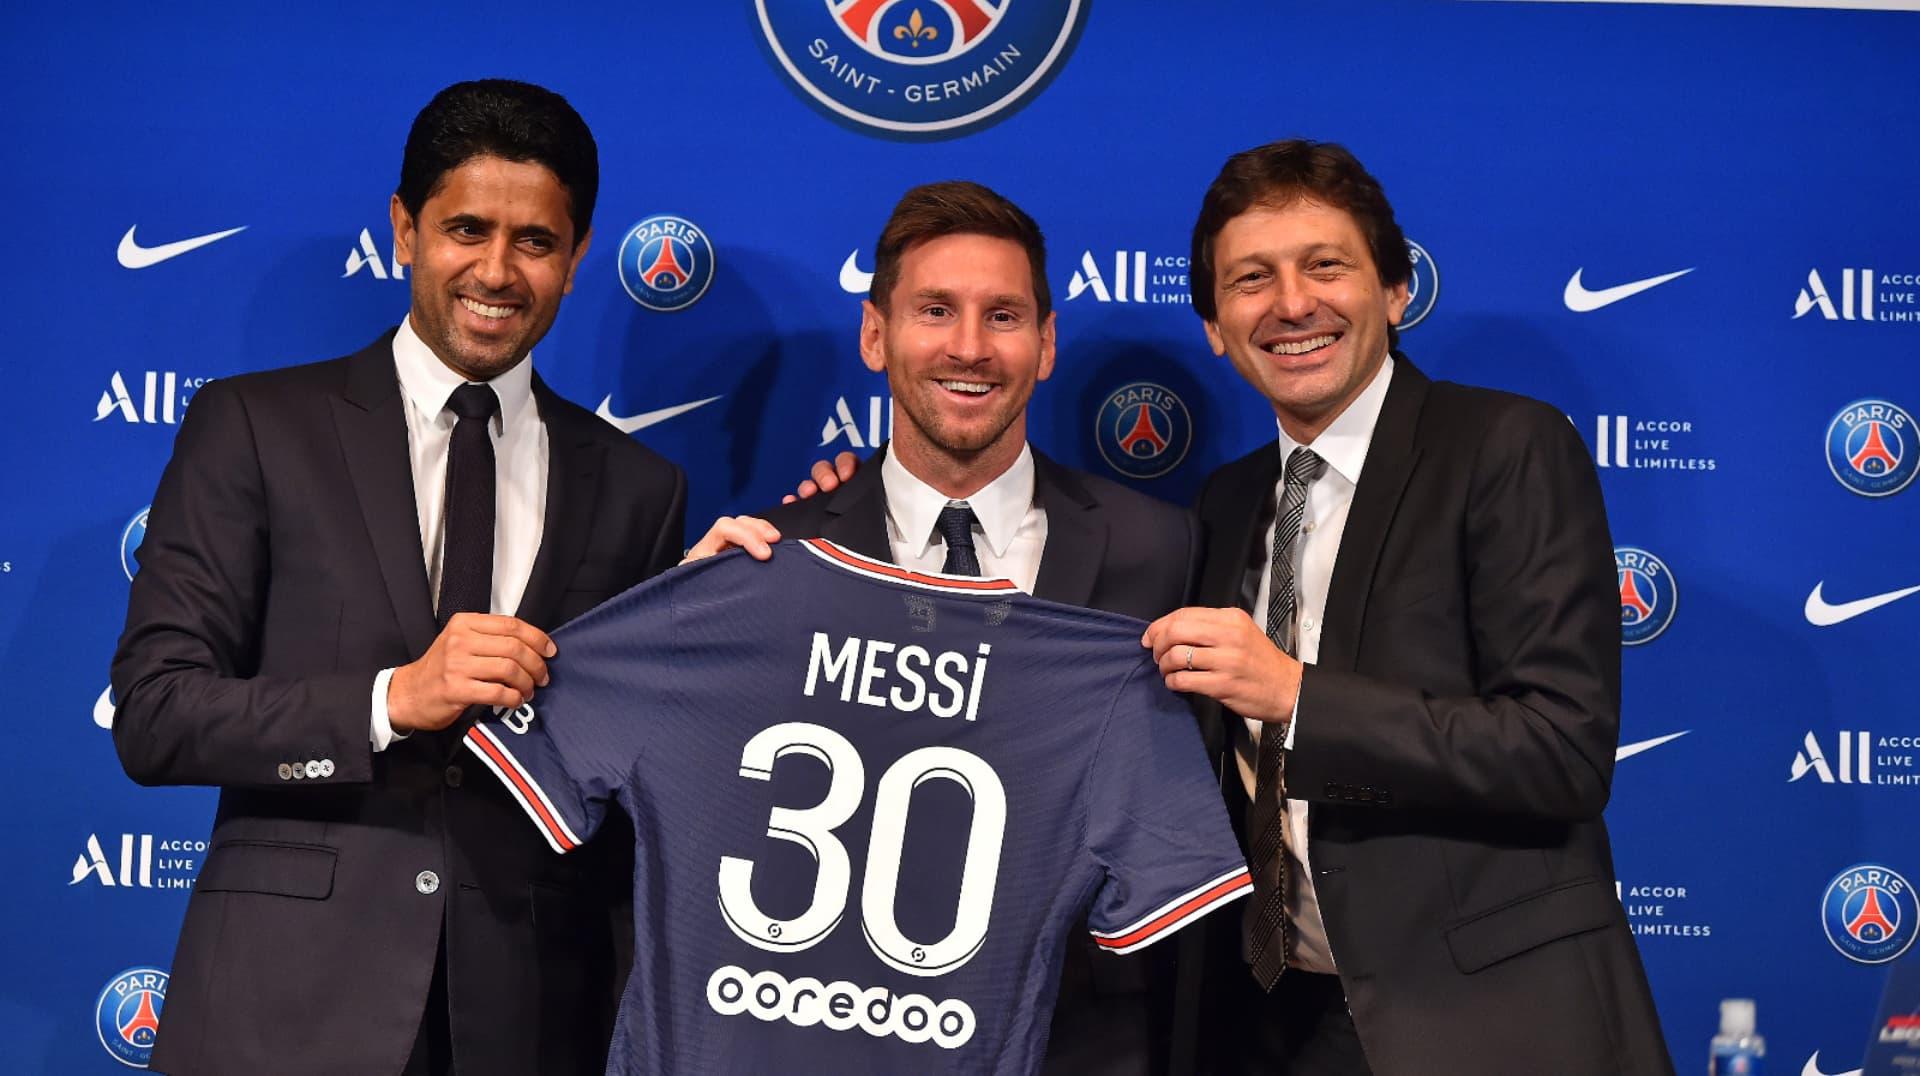 Estos son los productos de Lionel Messi en Paris Saint Germain